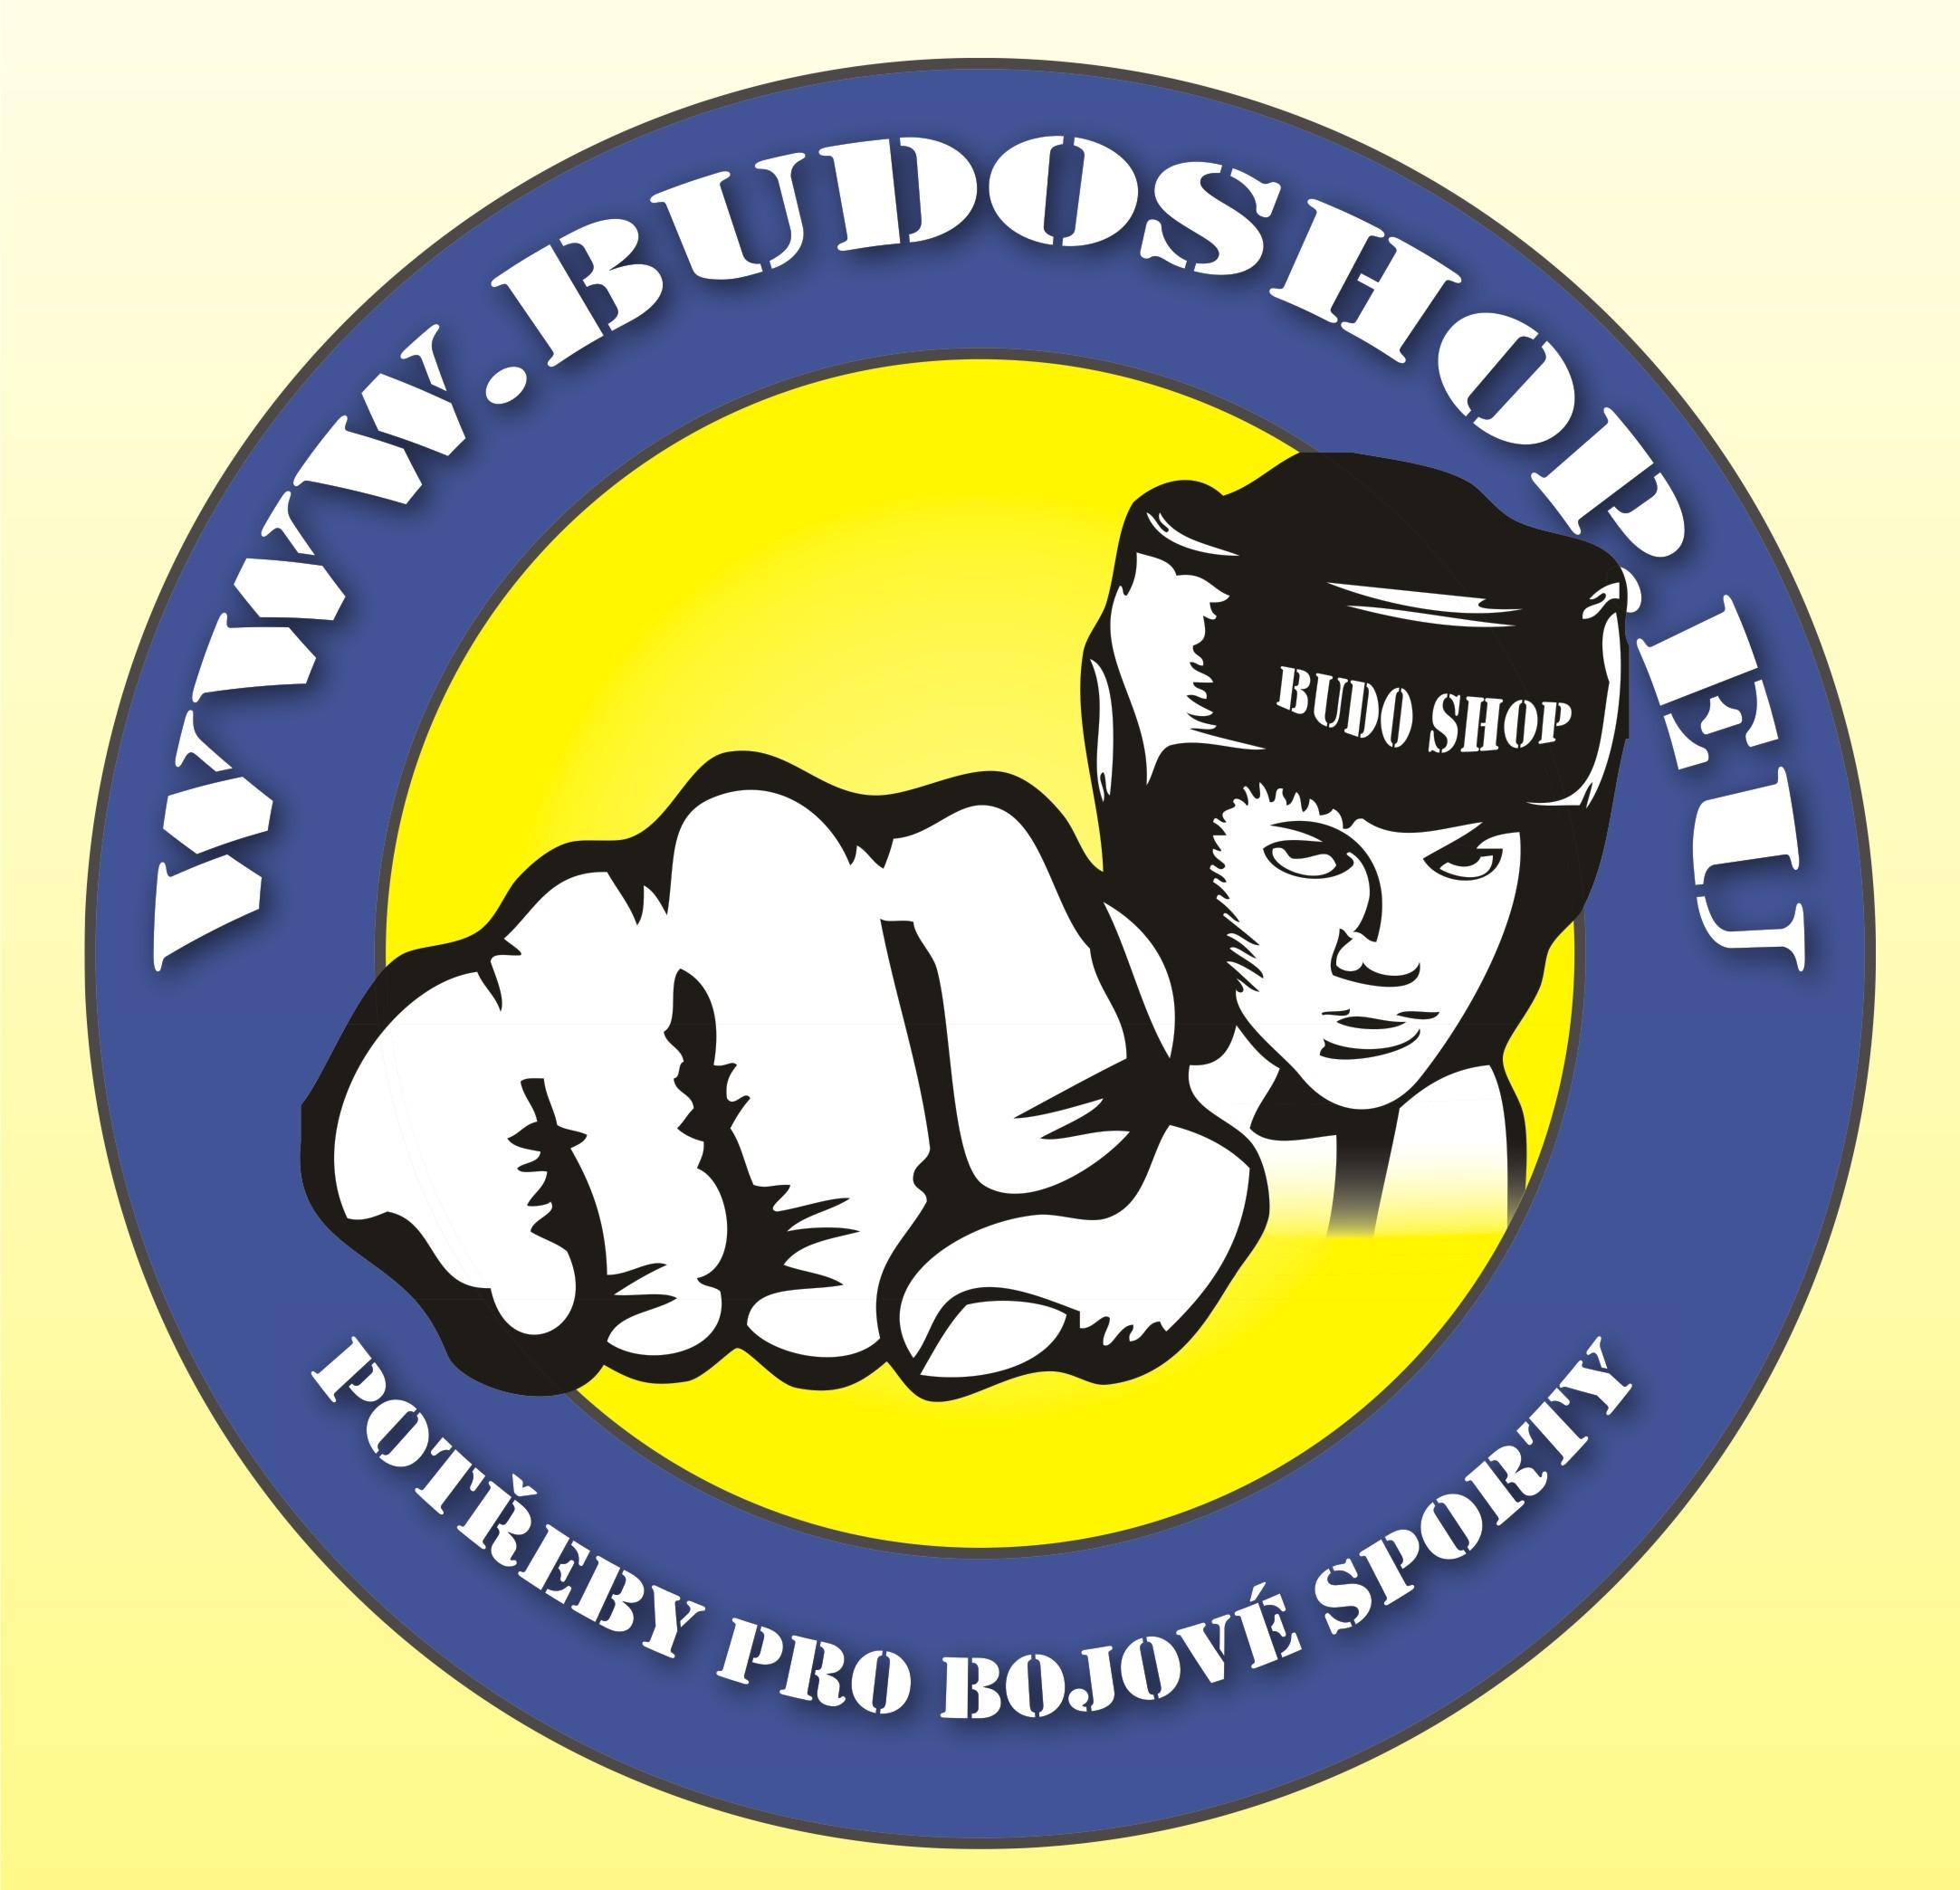 Budoshop